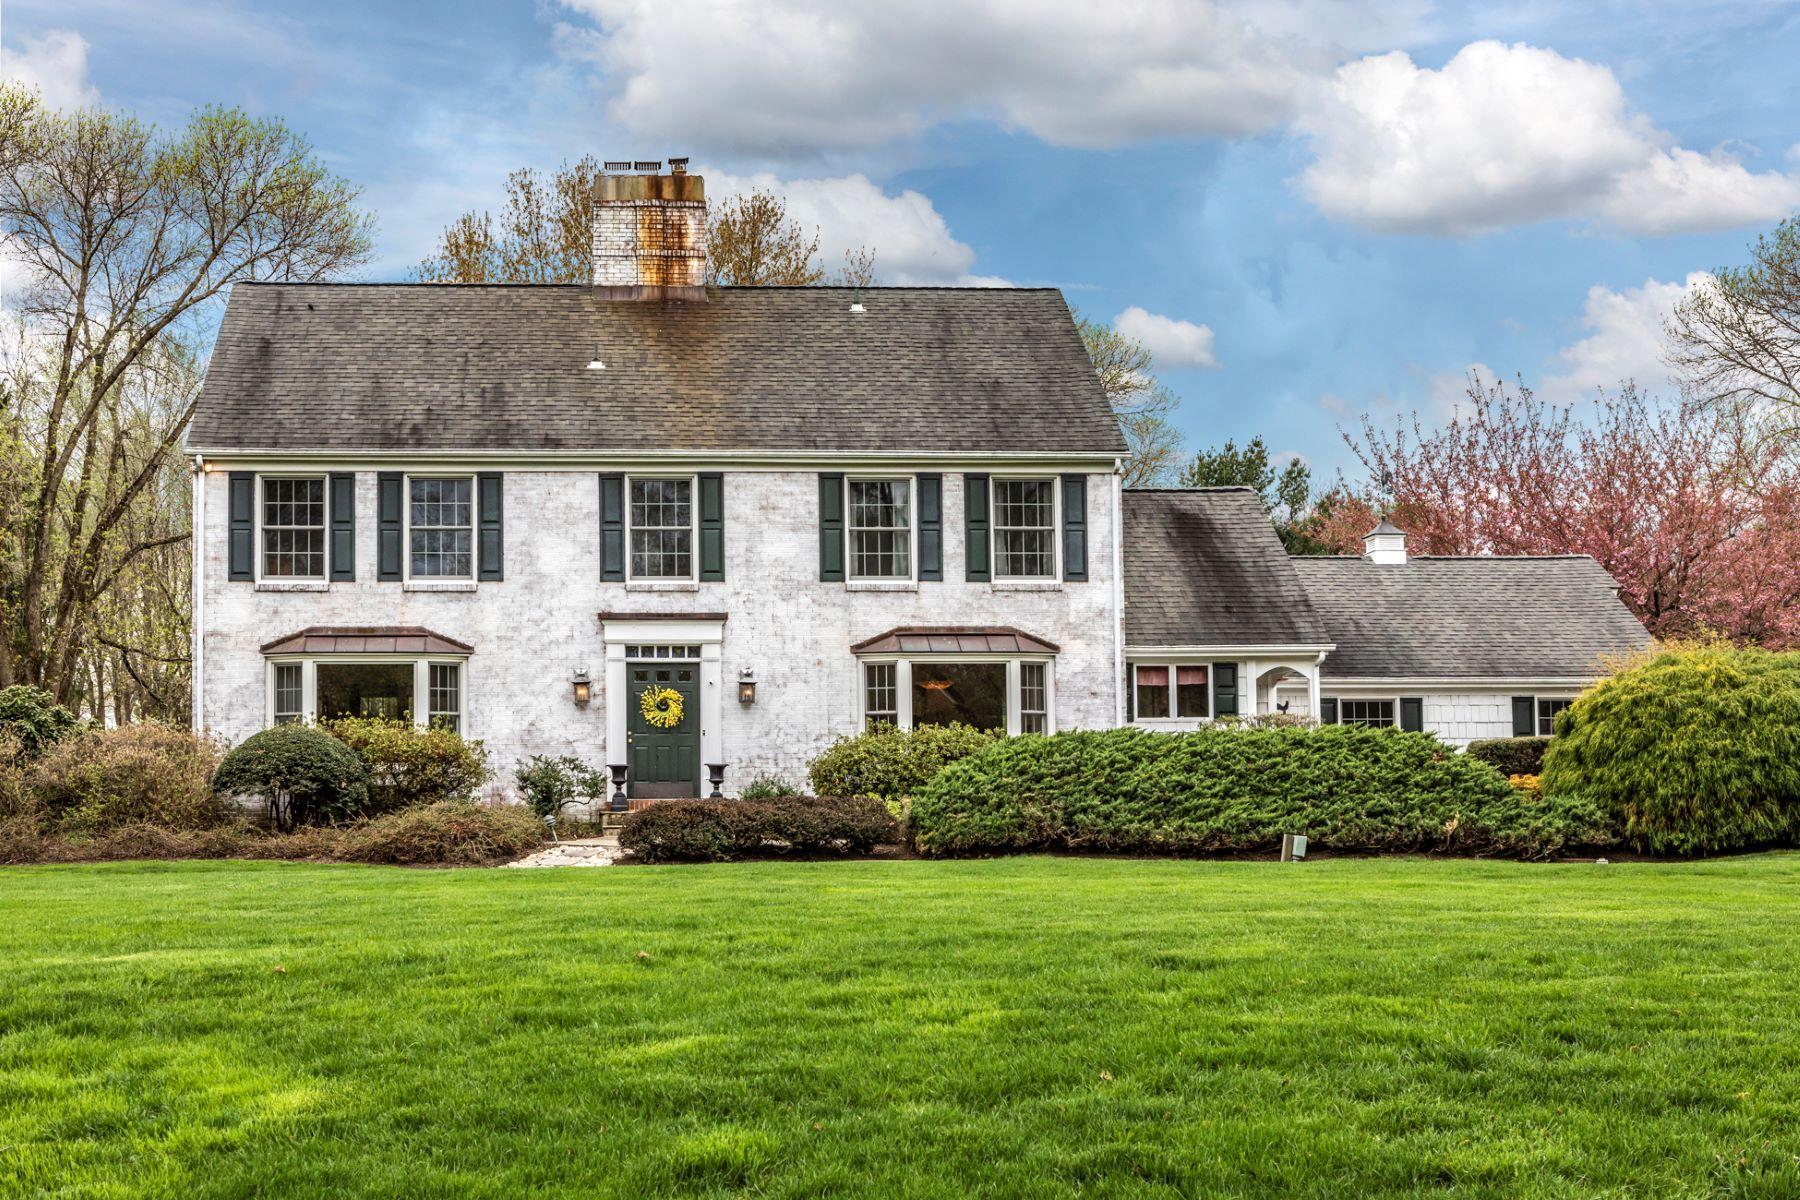 Property için Satış at A Gentler Pace Of Life In Elm Ridge Park 25 Arvida Drive, Pennington, New Jersey 08534 Amerika Birleşik Devletleri